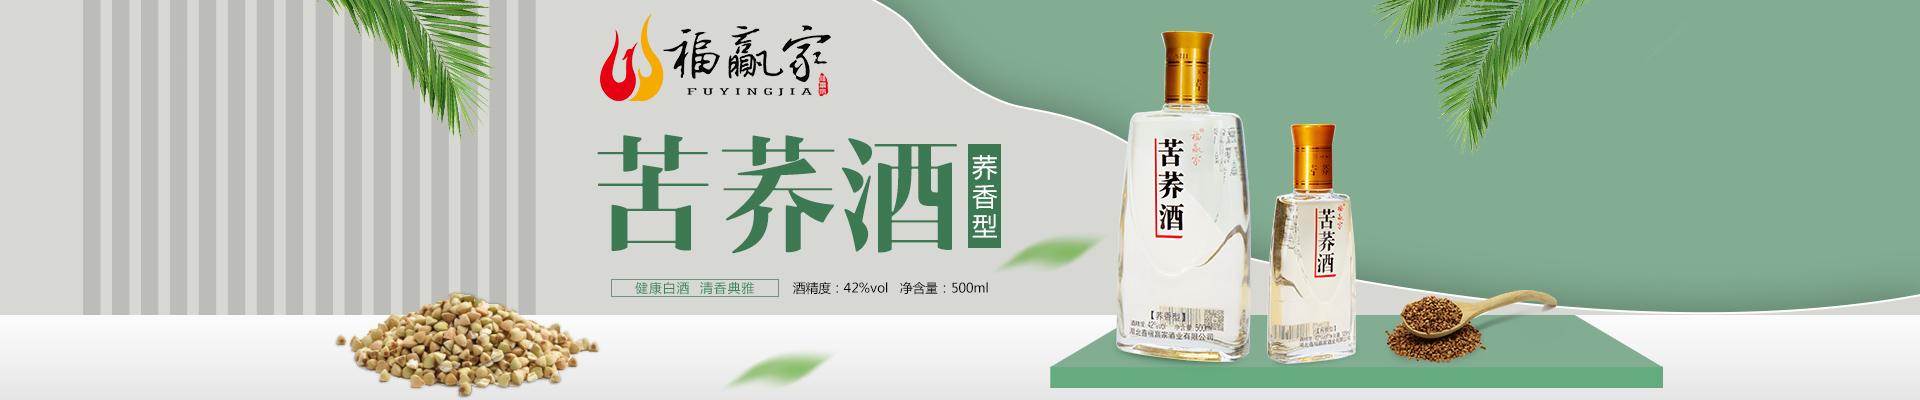 湖北鑫福赢家酒业有限公司